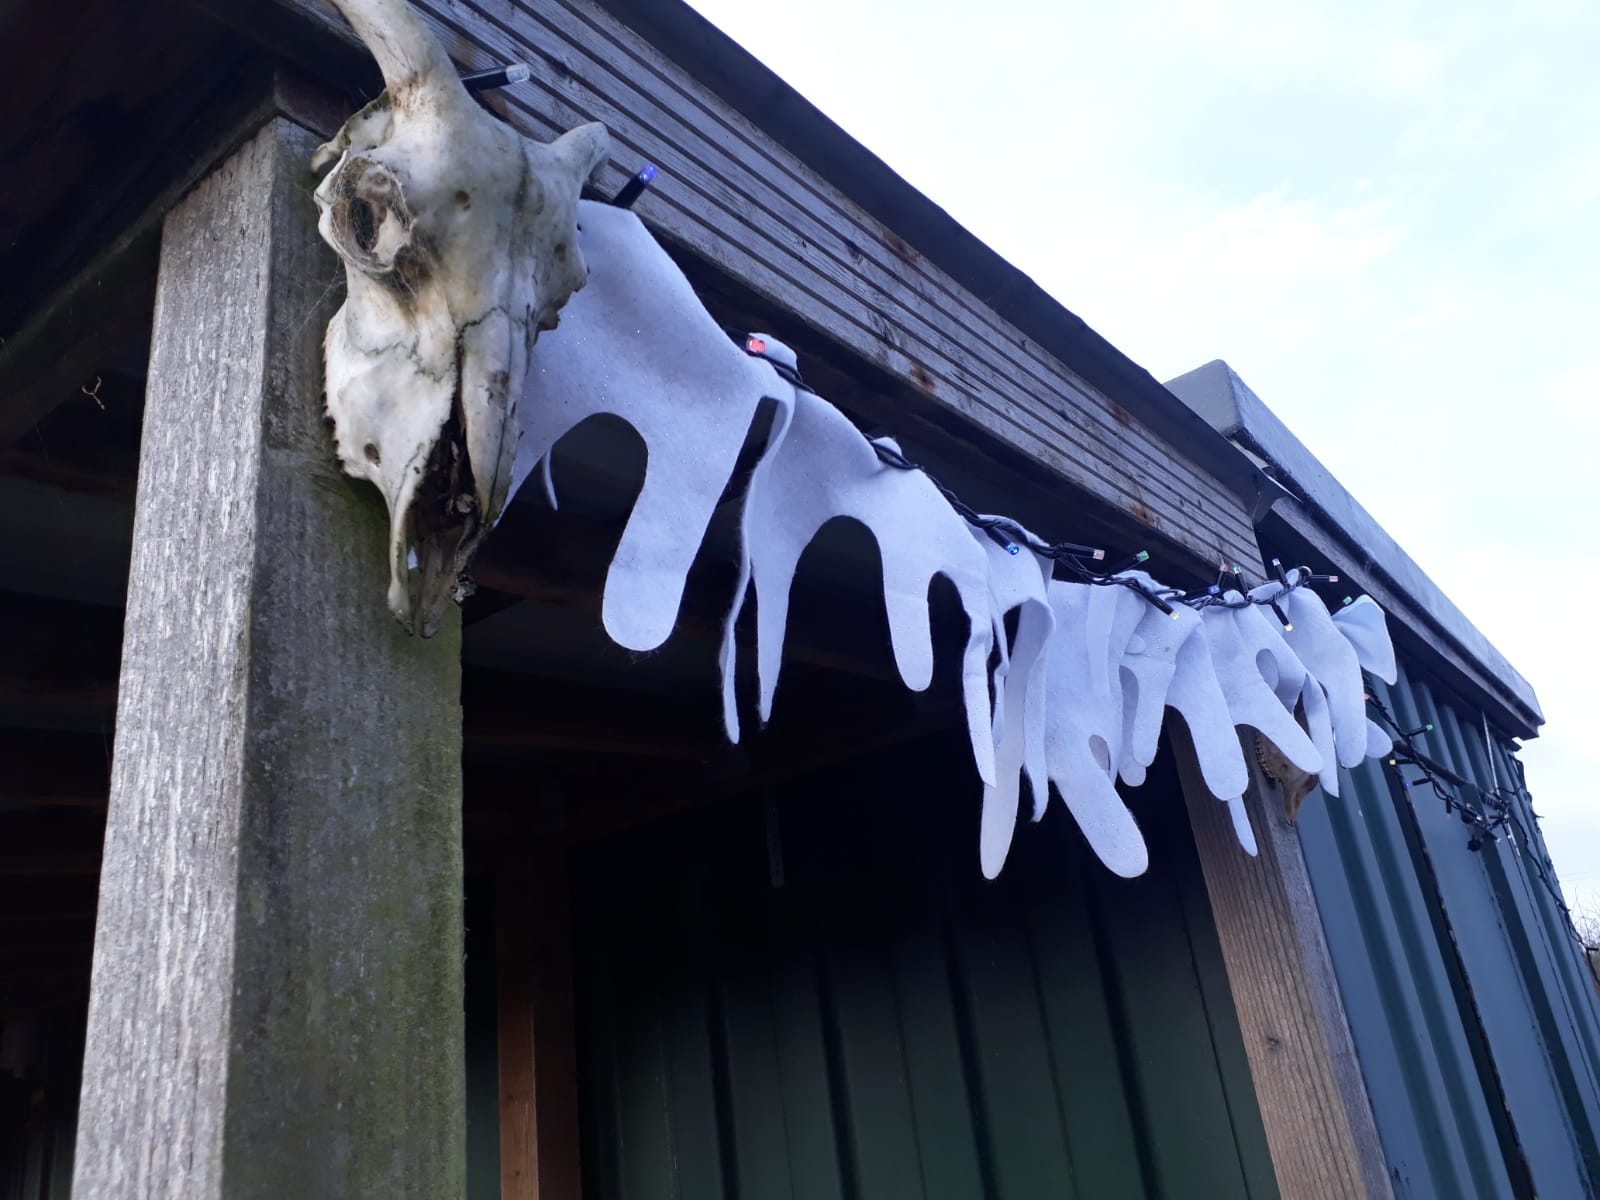 Snow skulls